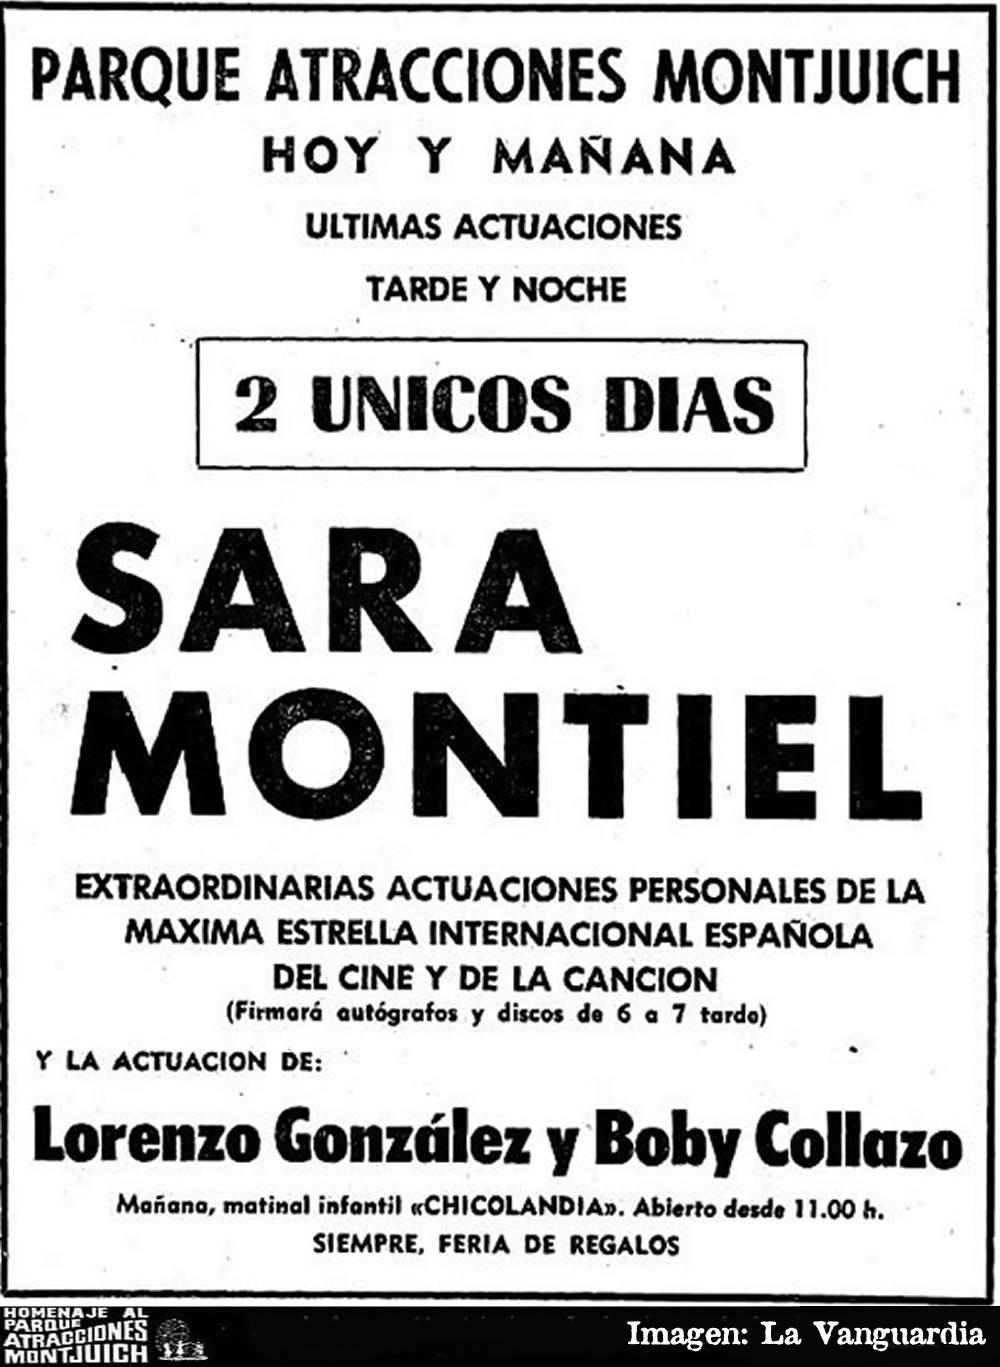 Sara-Montiel-en-el-teatro-del-Parque-de-Atracciones-de-Montjuich